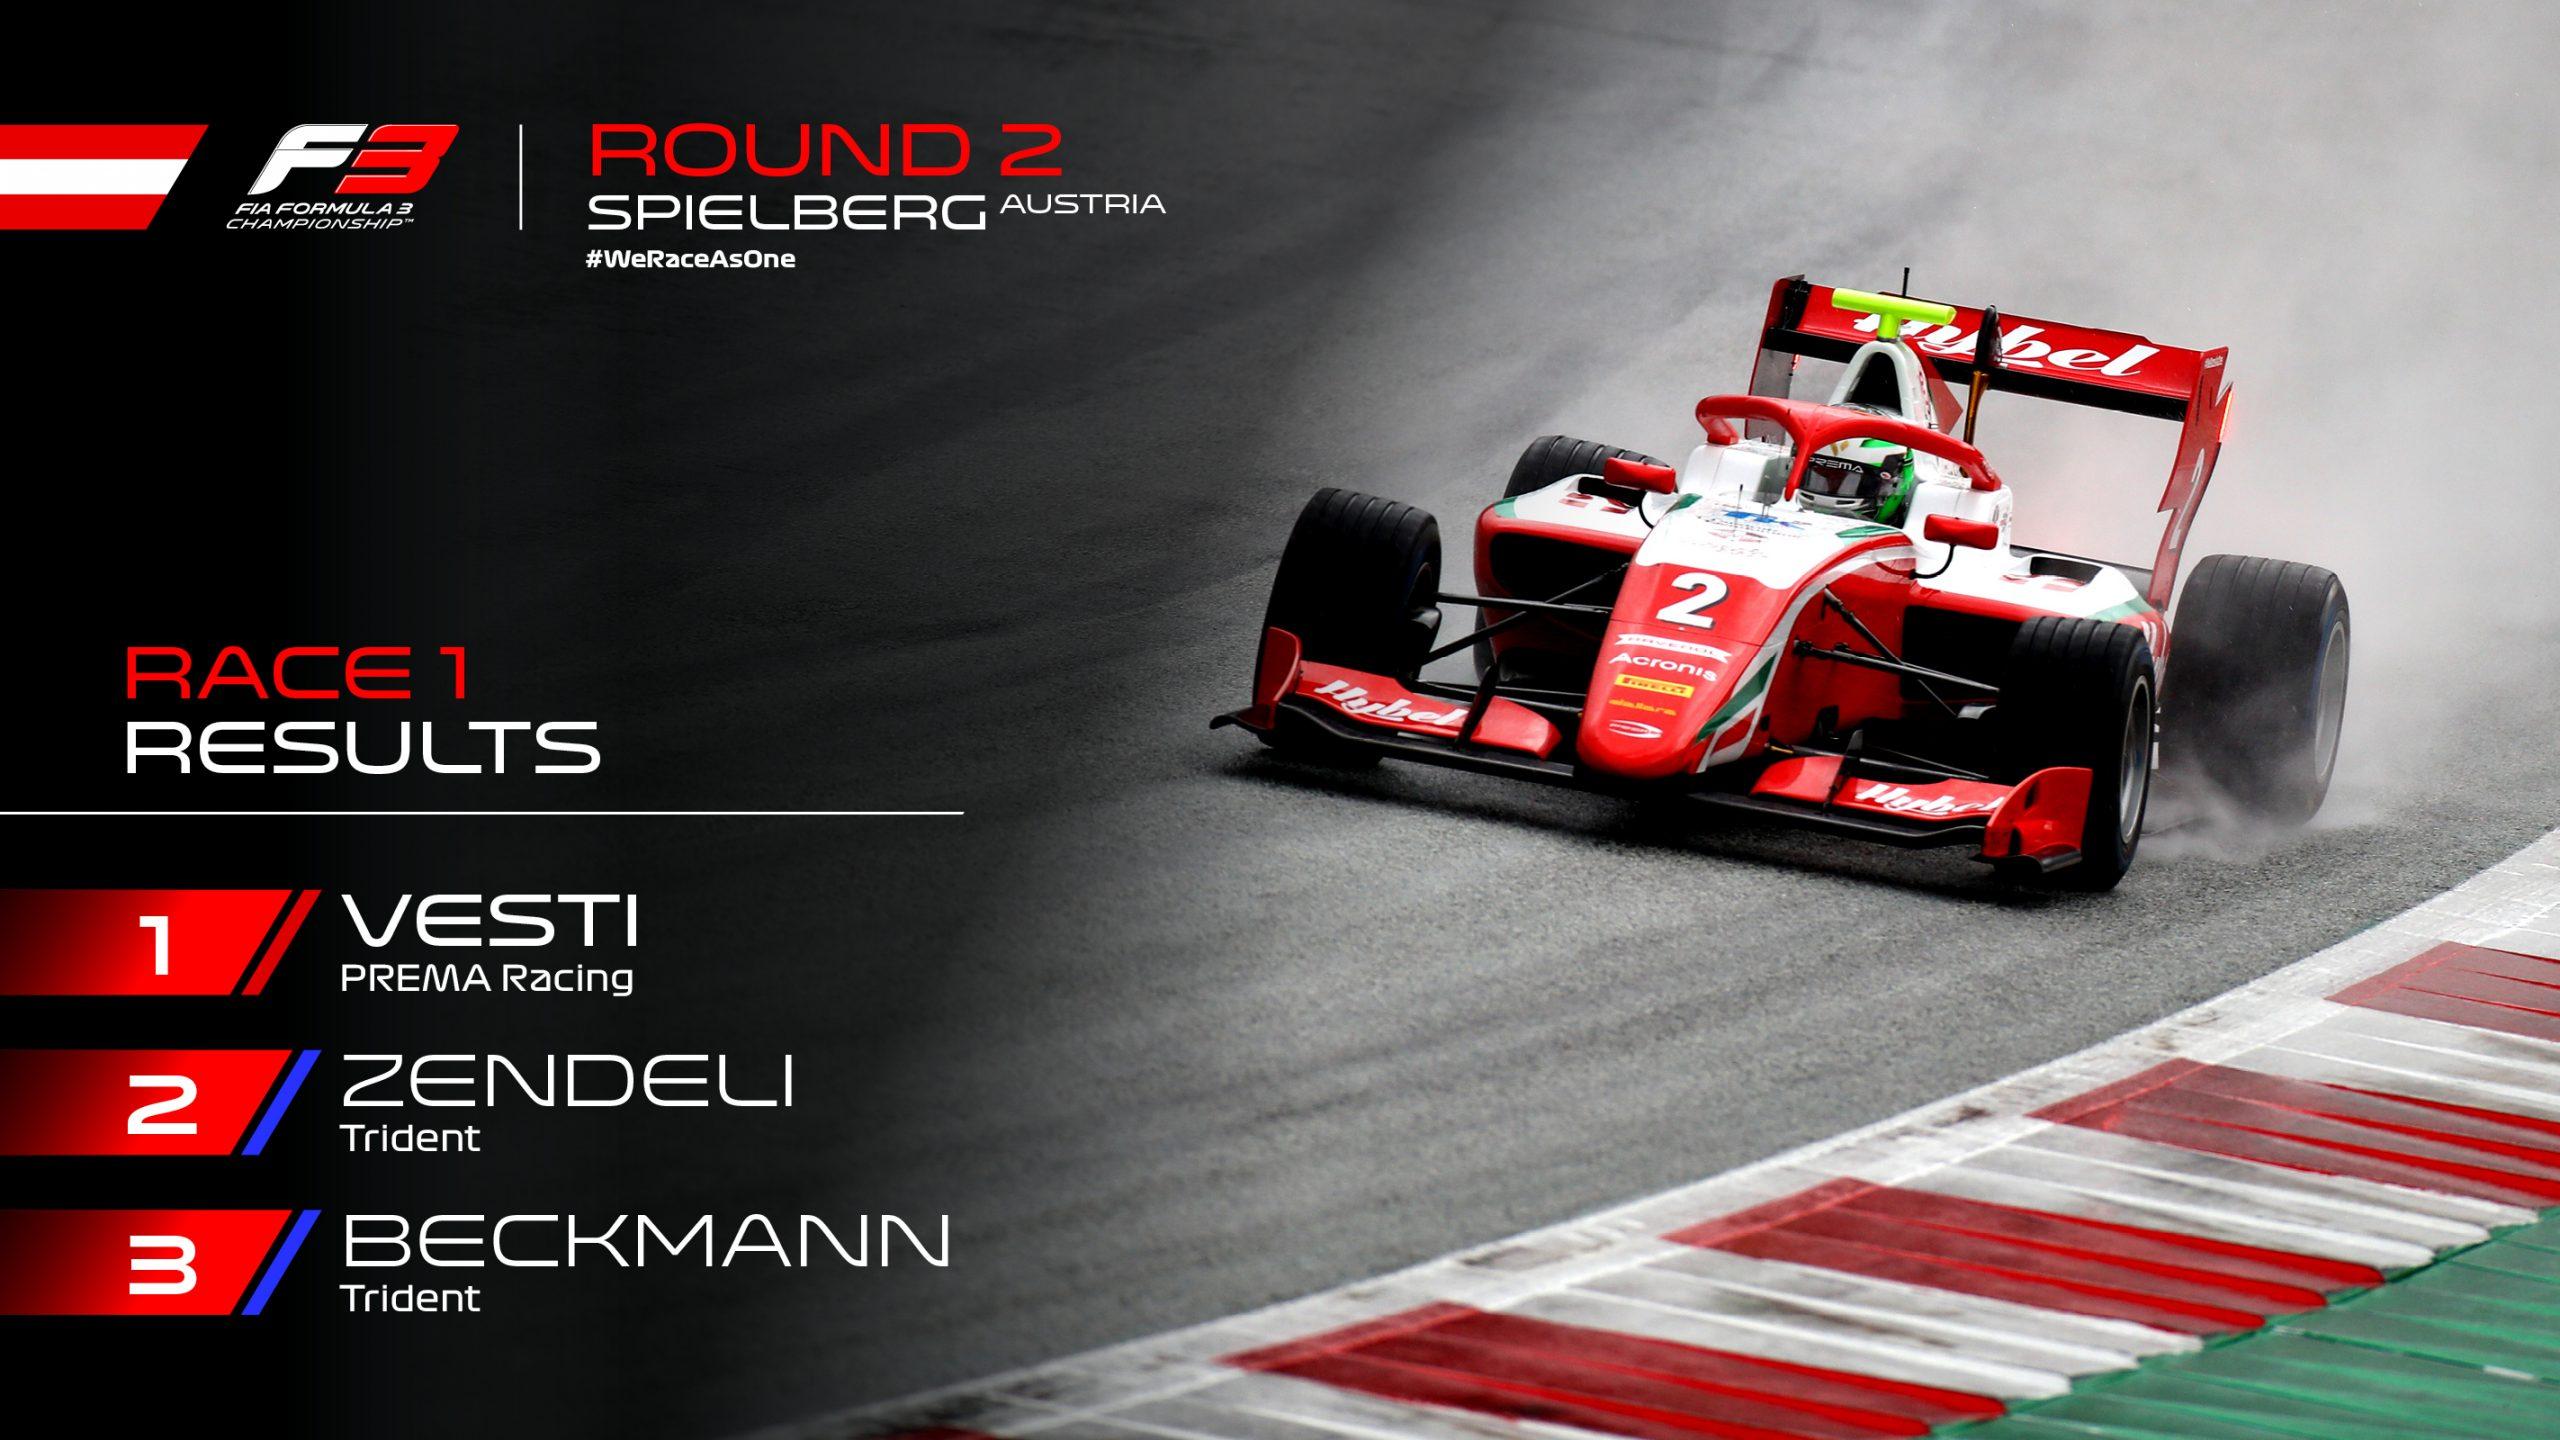 Вести выиграл дождевую первую гонку второго этапа Ф3 в Австрии